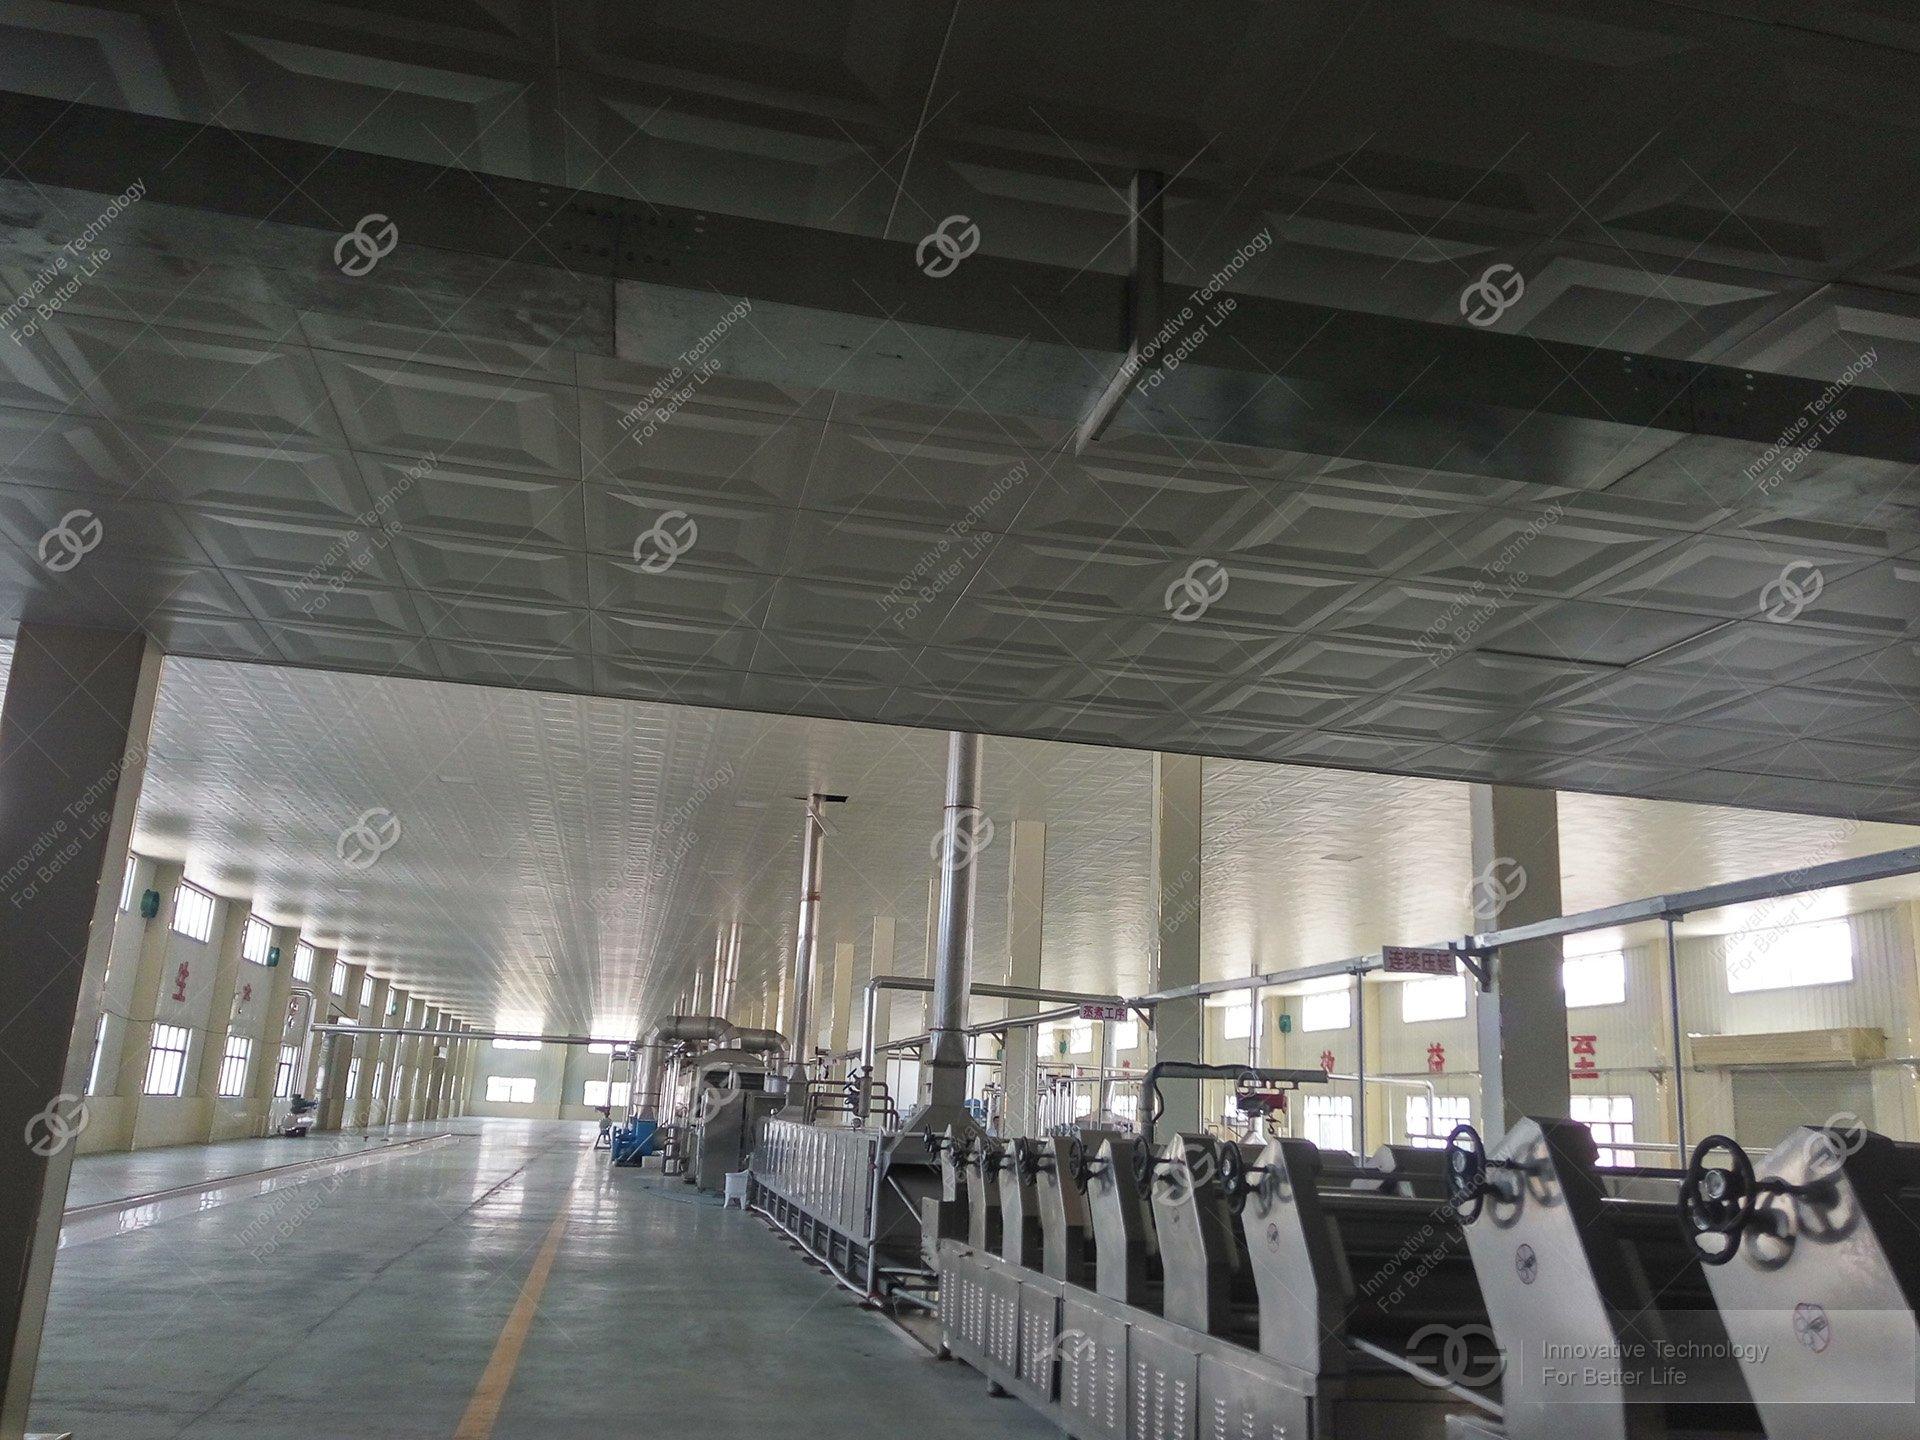 GELGOOG Factory Visiting